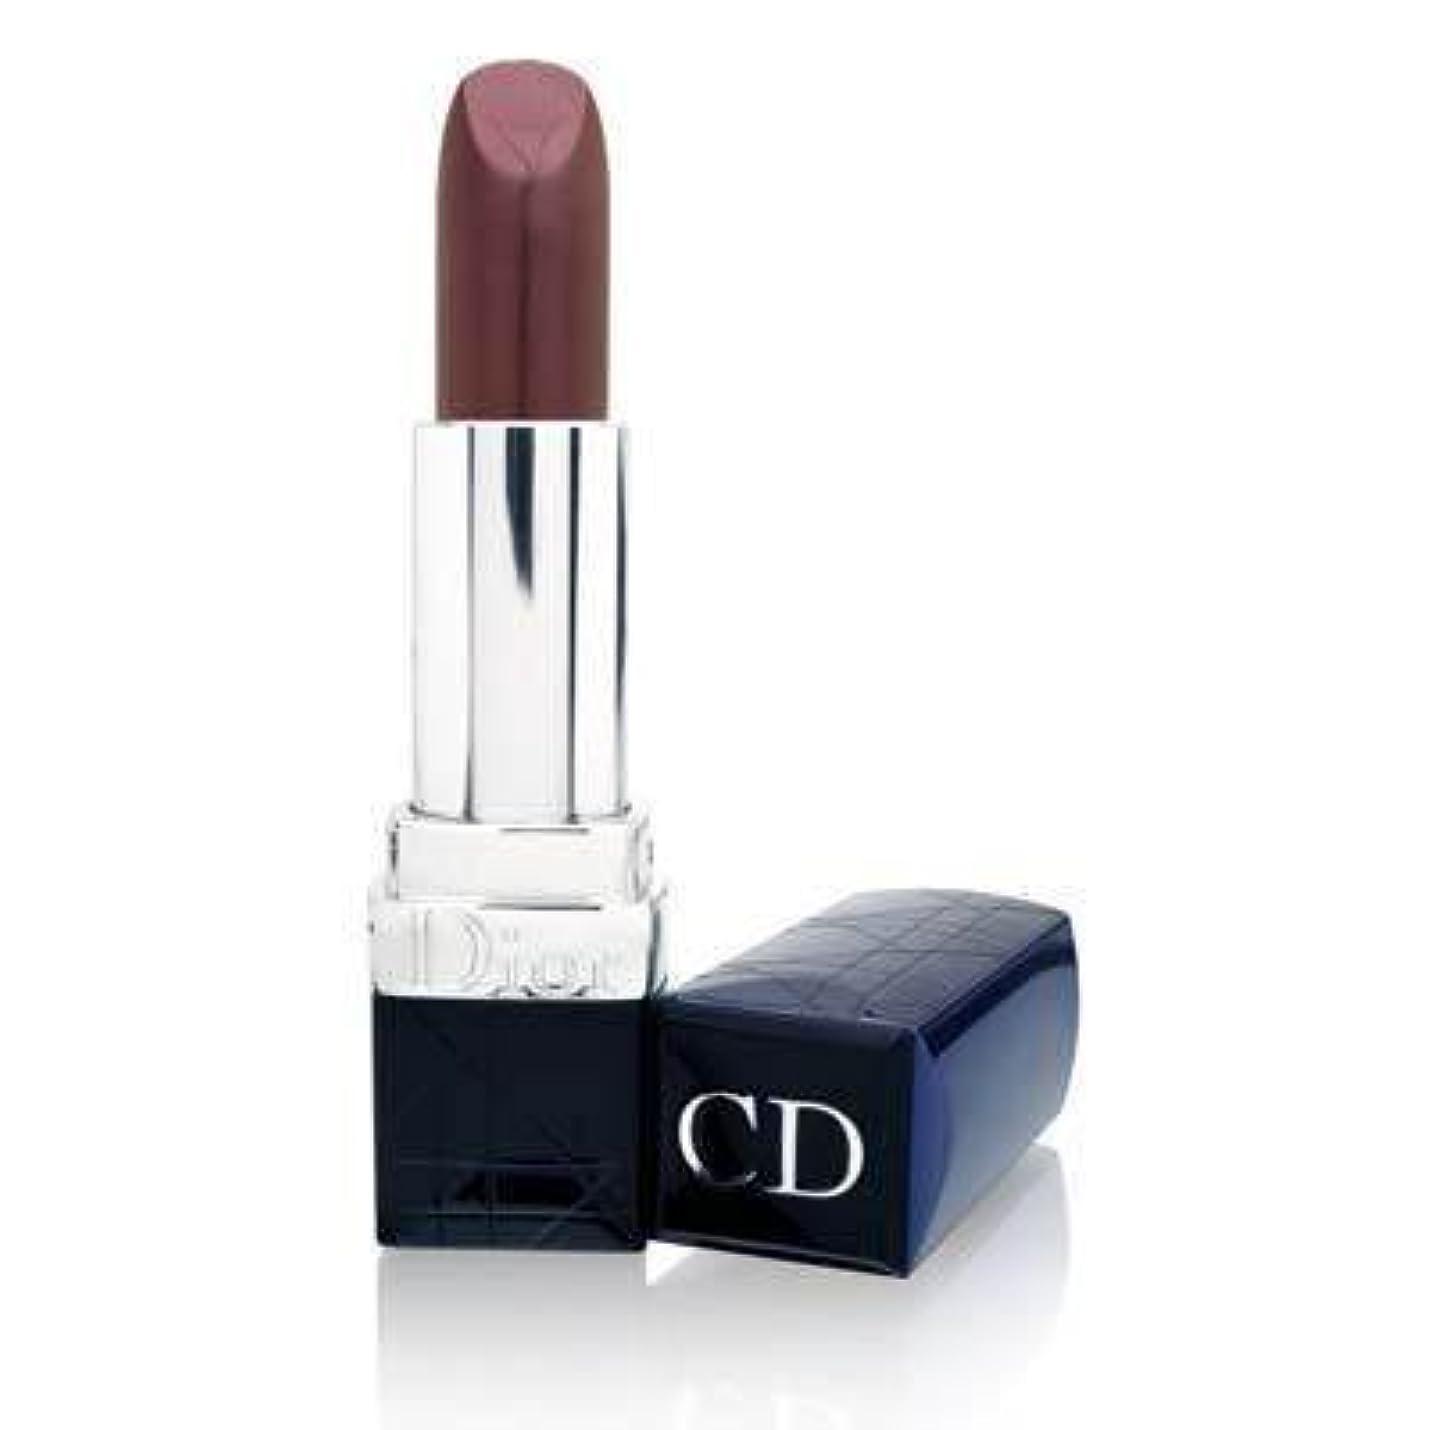 ギターシーズンアフリカ人Rouge Dior Replenishing Lipstick 966 Purple Sultan Satin(ルージュディオール リプレニッシング リップスティック 966 パープル スルタン サテン)[海外直送品]...